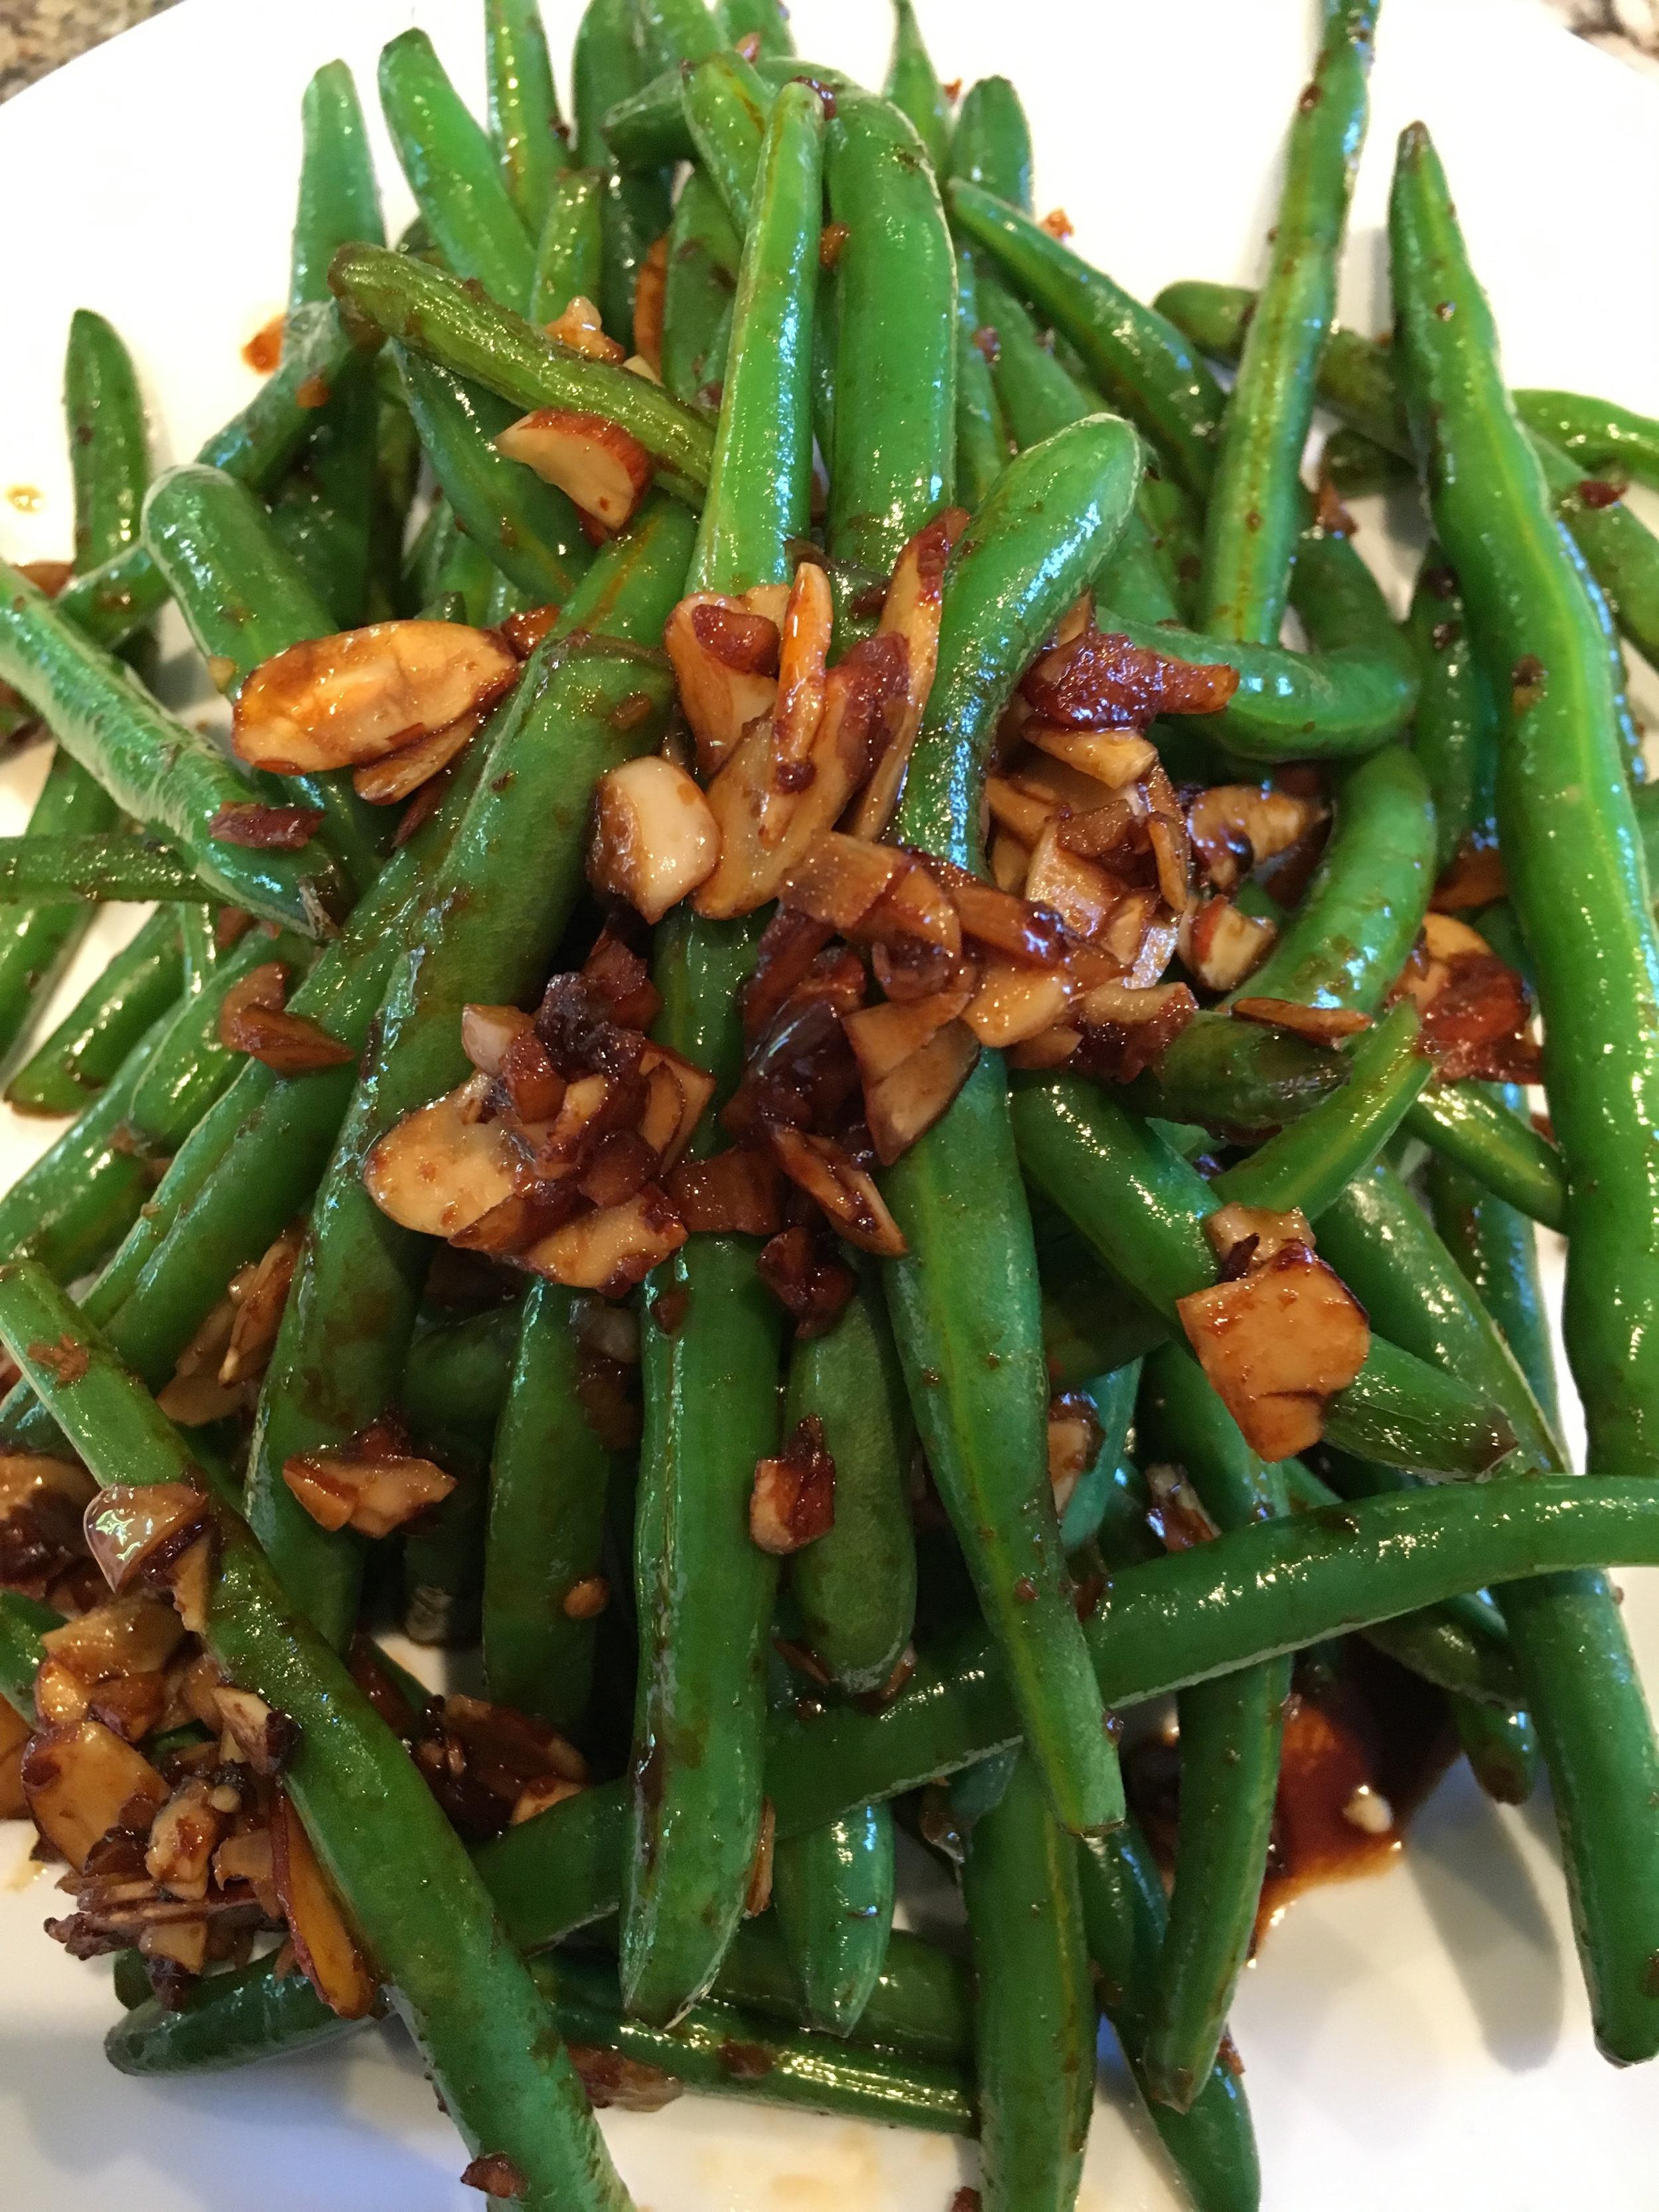 mastro_scheidt_green_beans